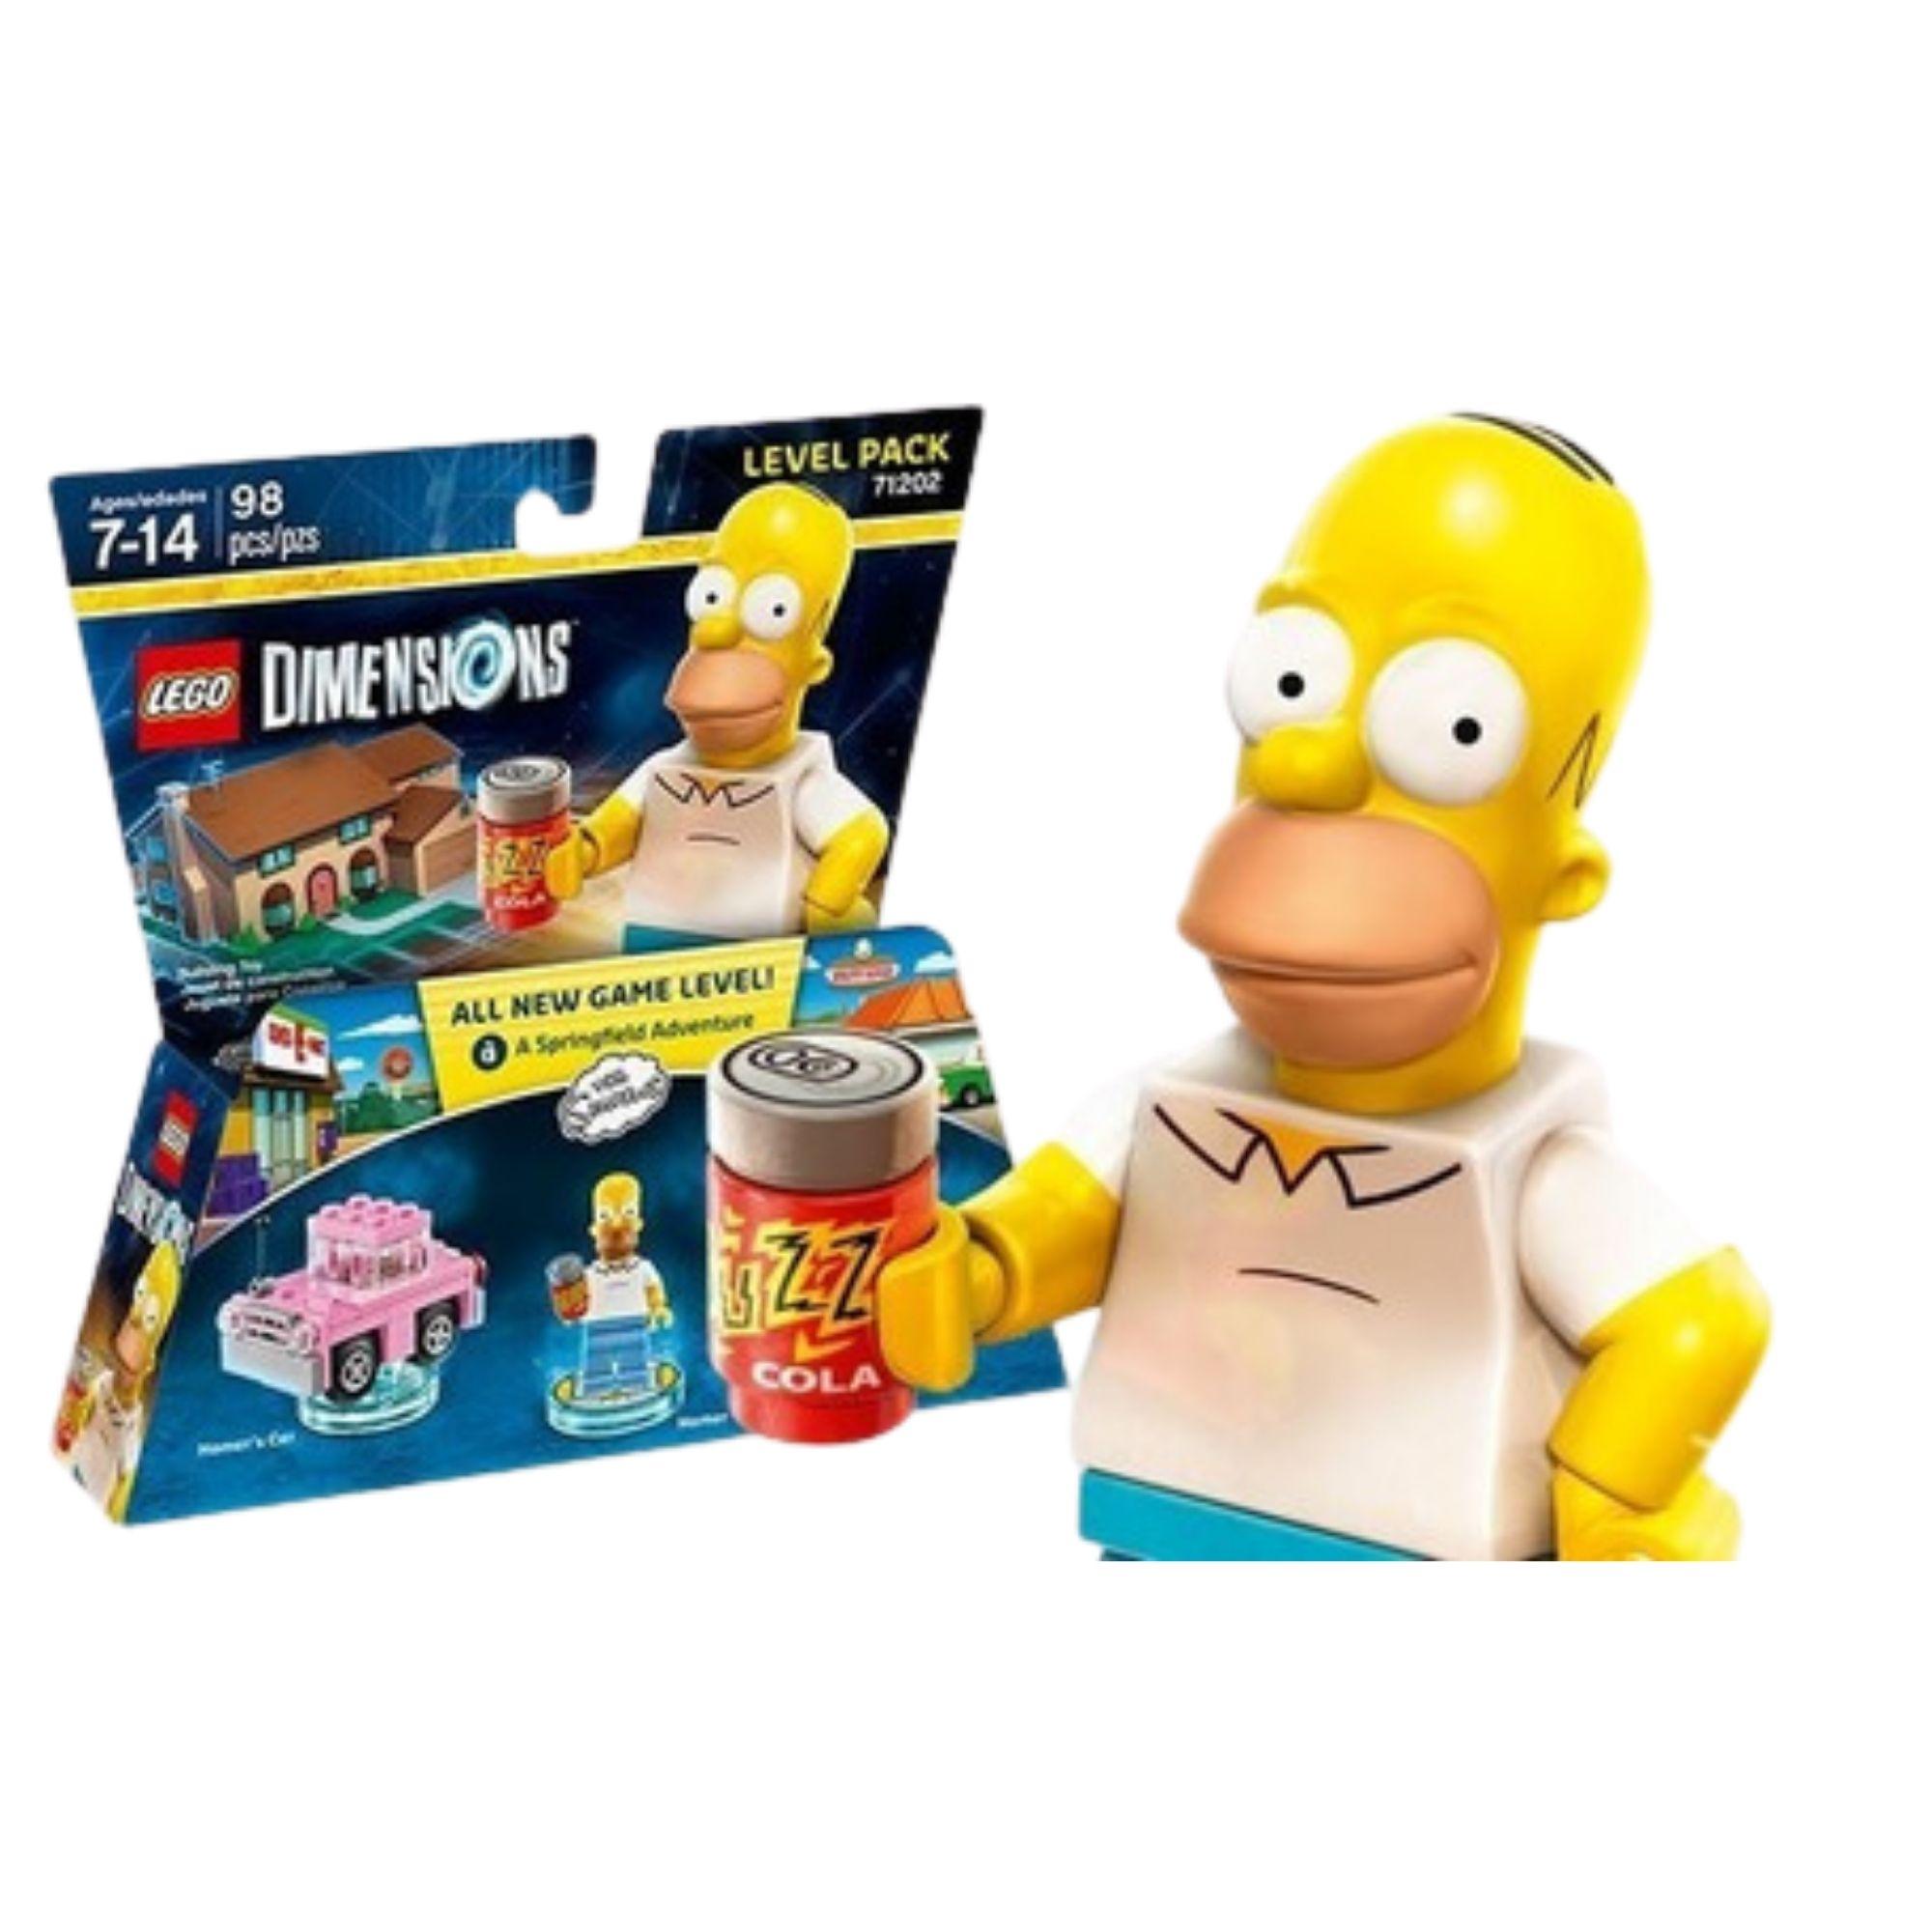 Lego Dimensions The Simpsons - 71202 - 98 Peças  - Game Land Brinquedos